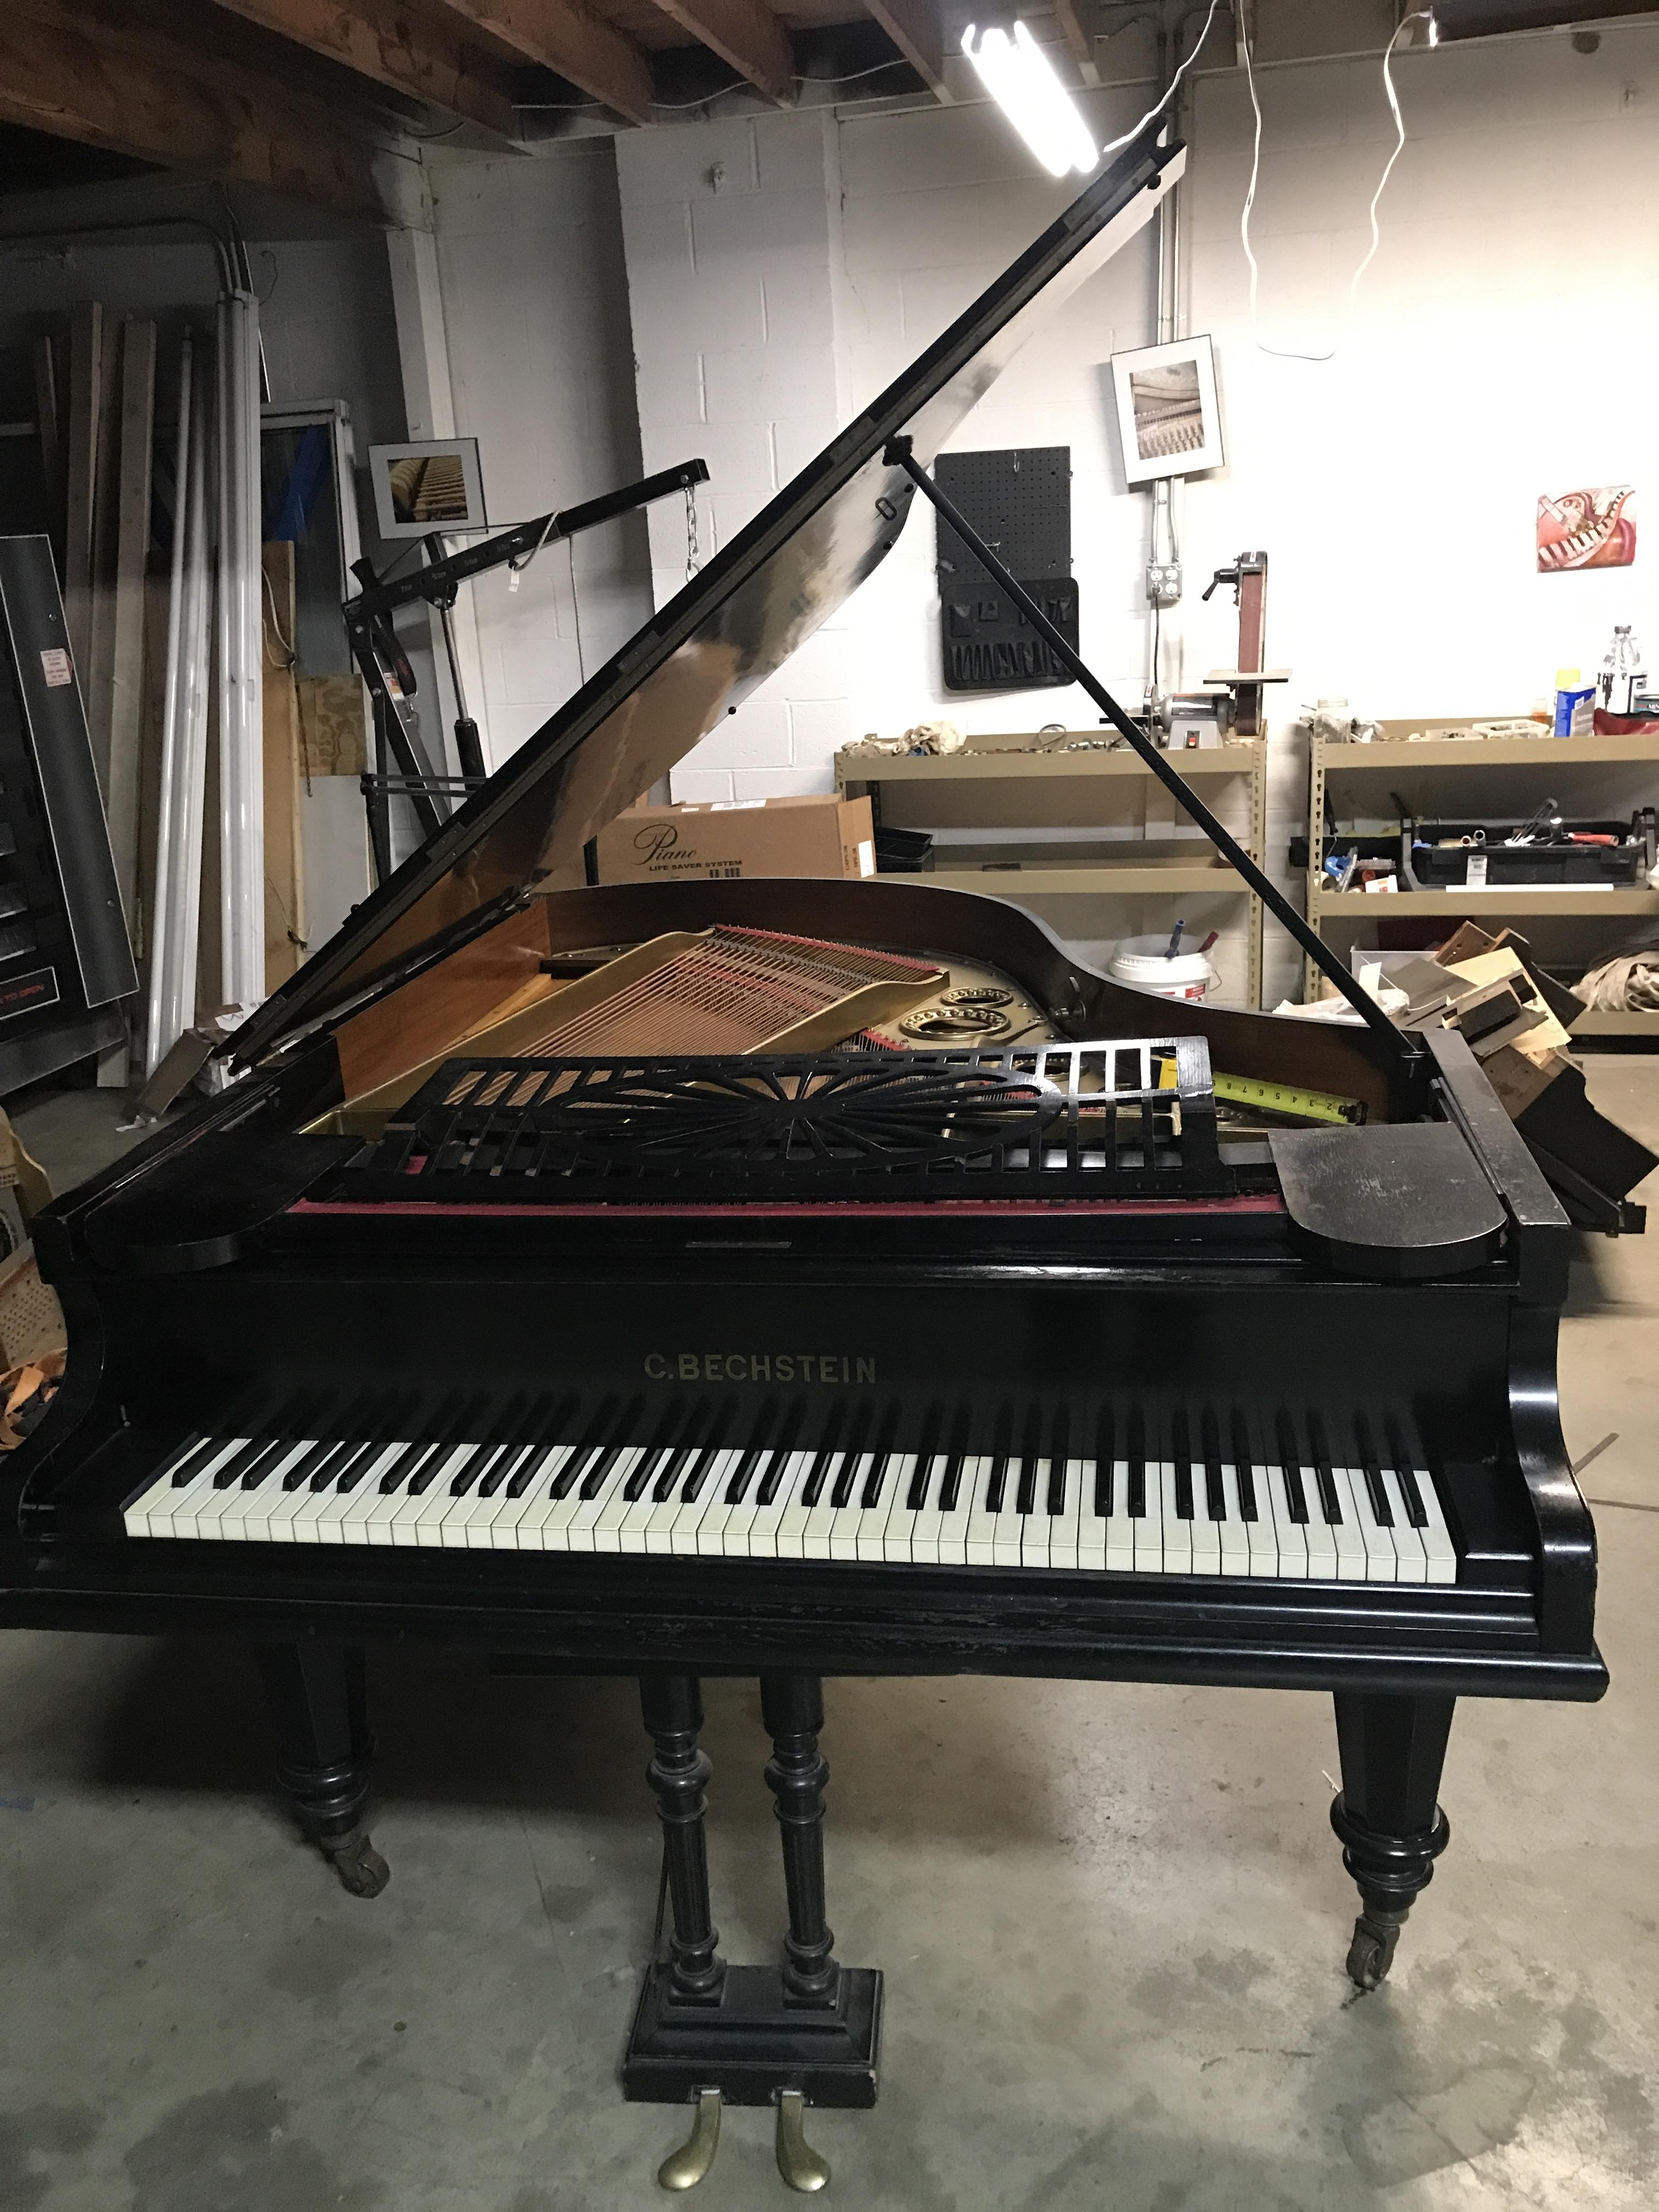 Antique Bechstein Piano